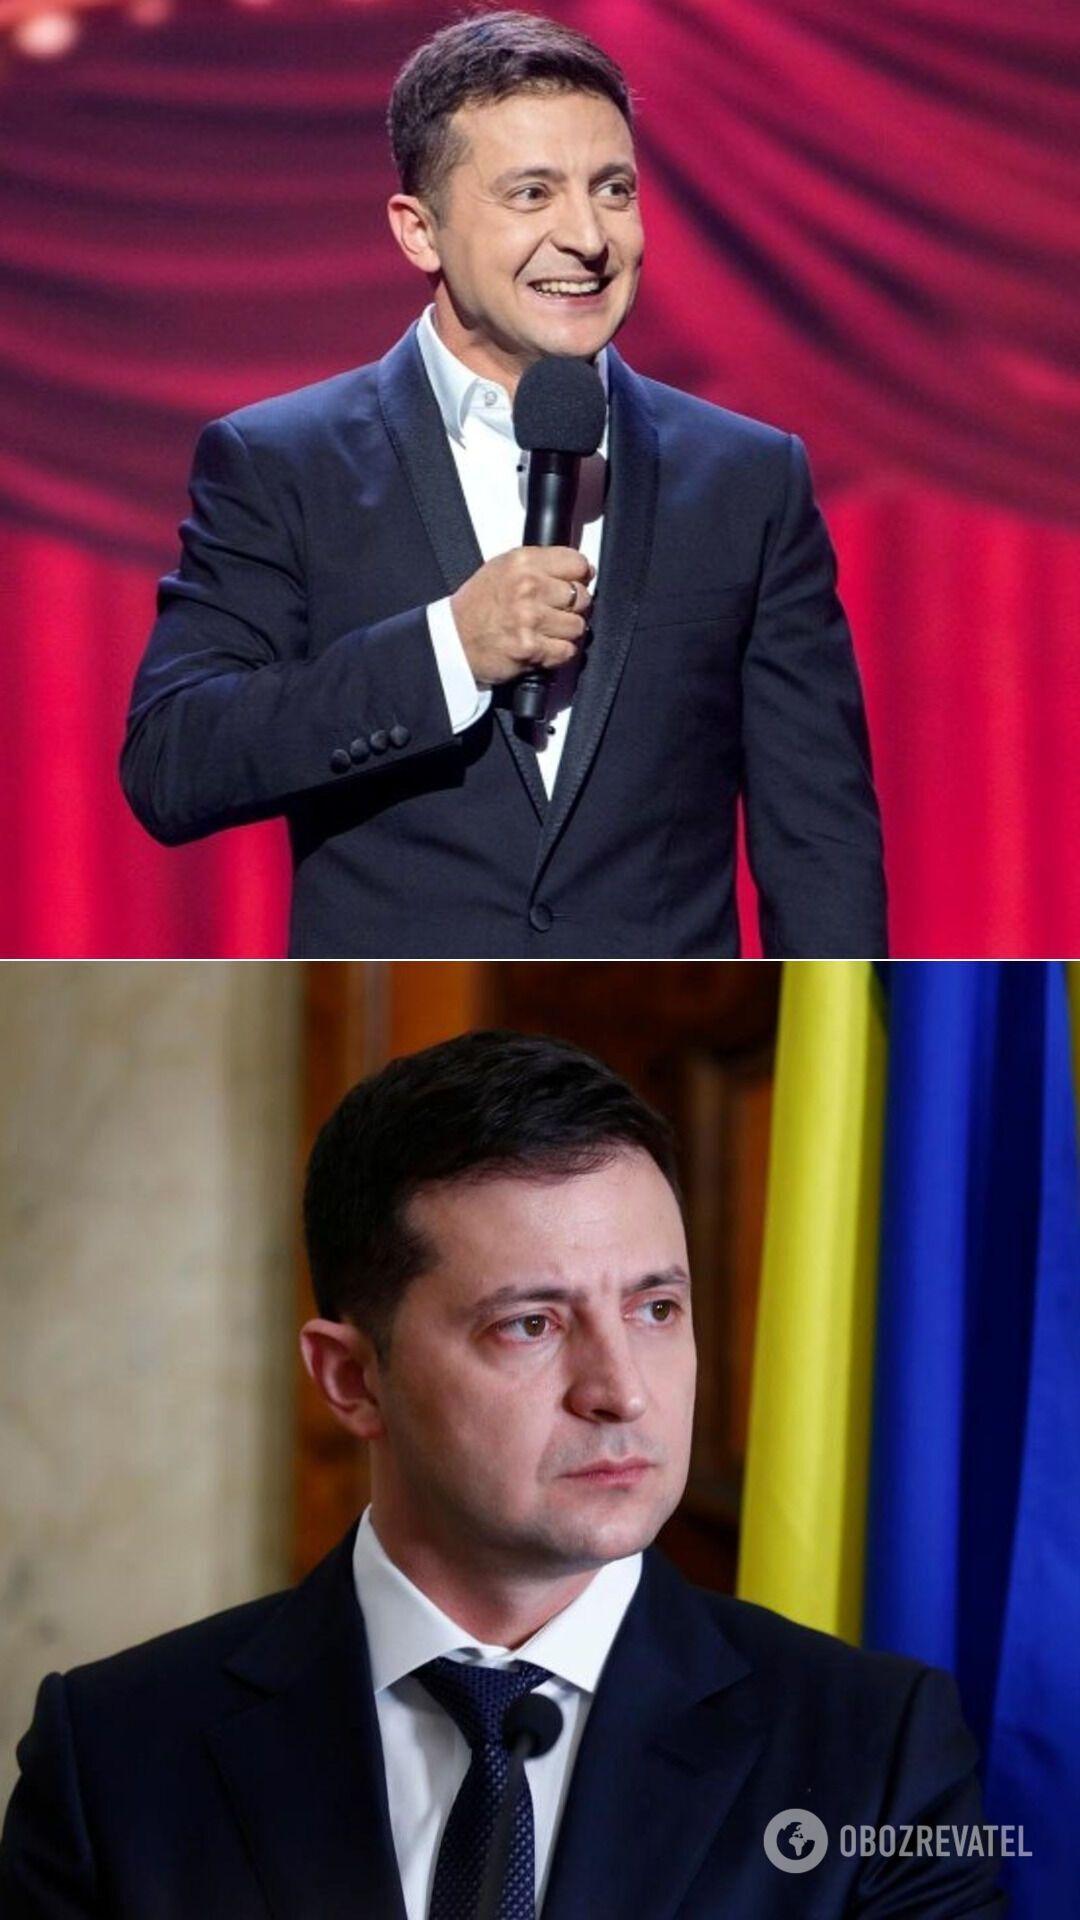 Президент Украины Владимир Зеленский – бывший комик и шоумен